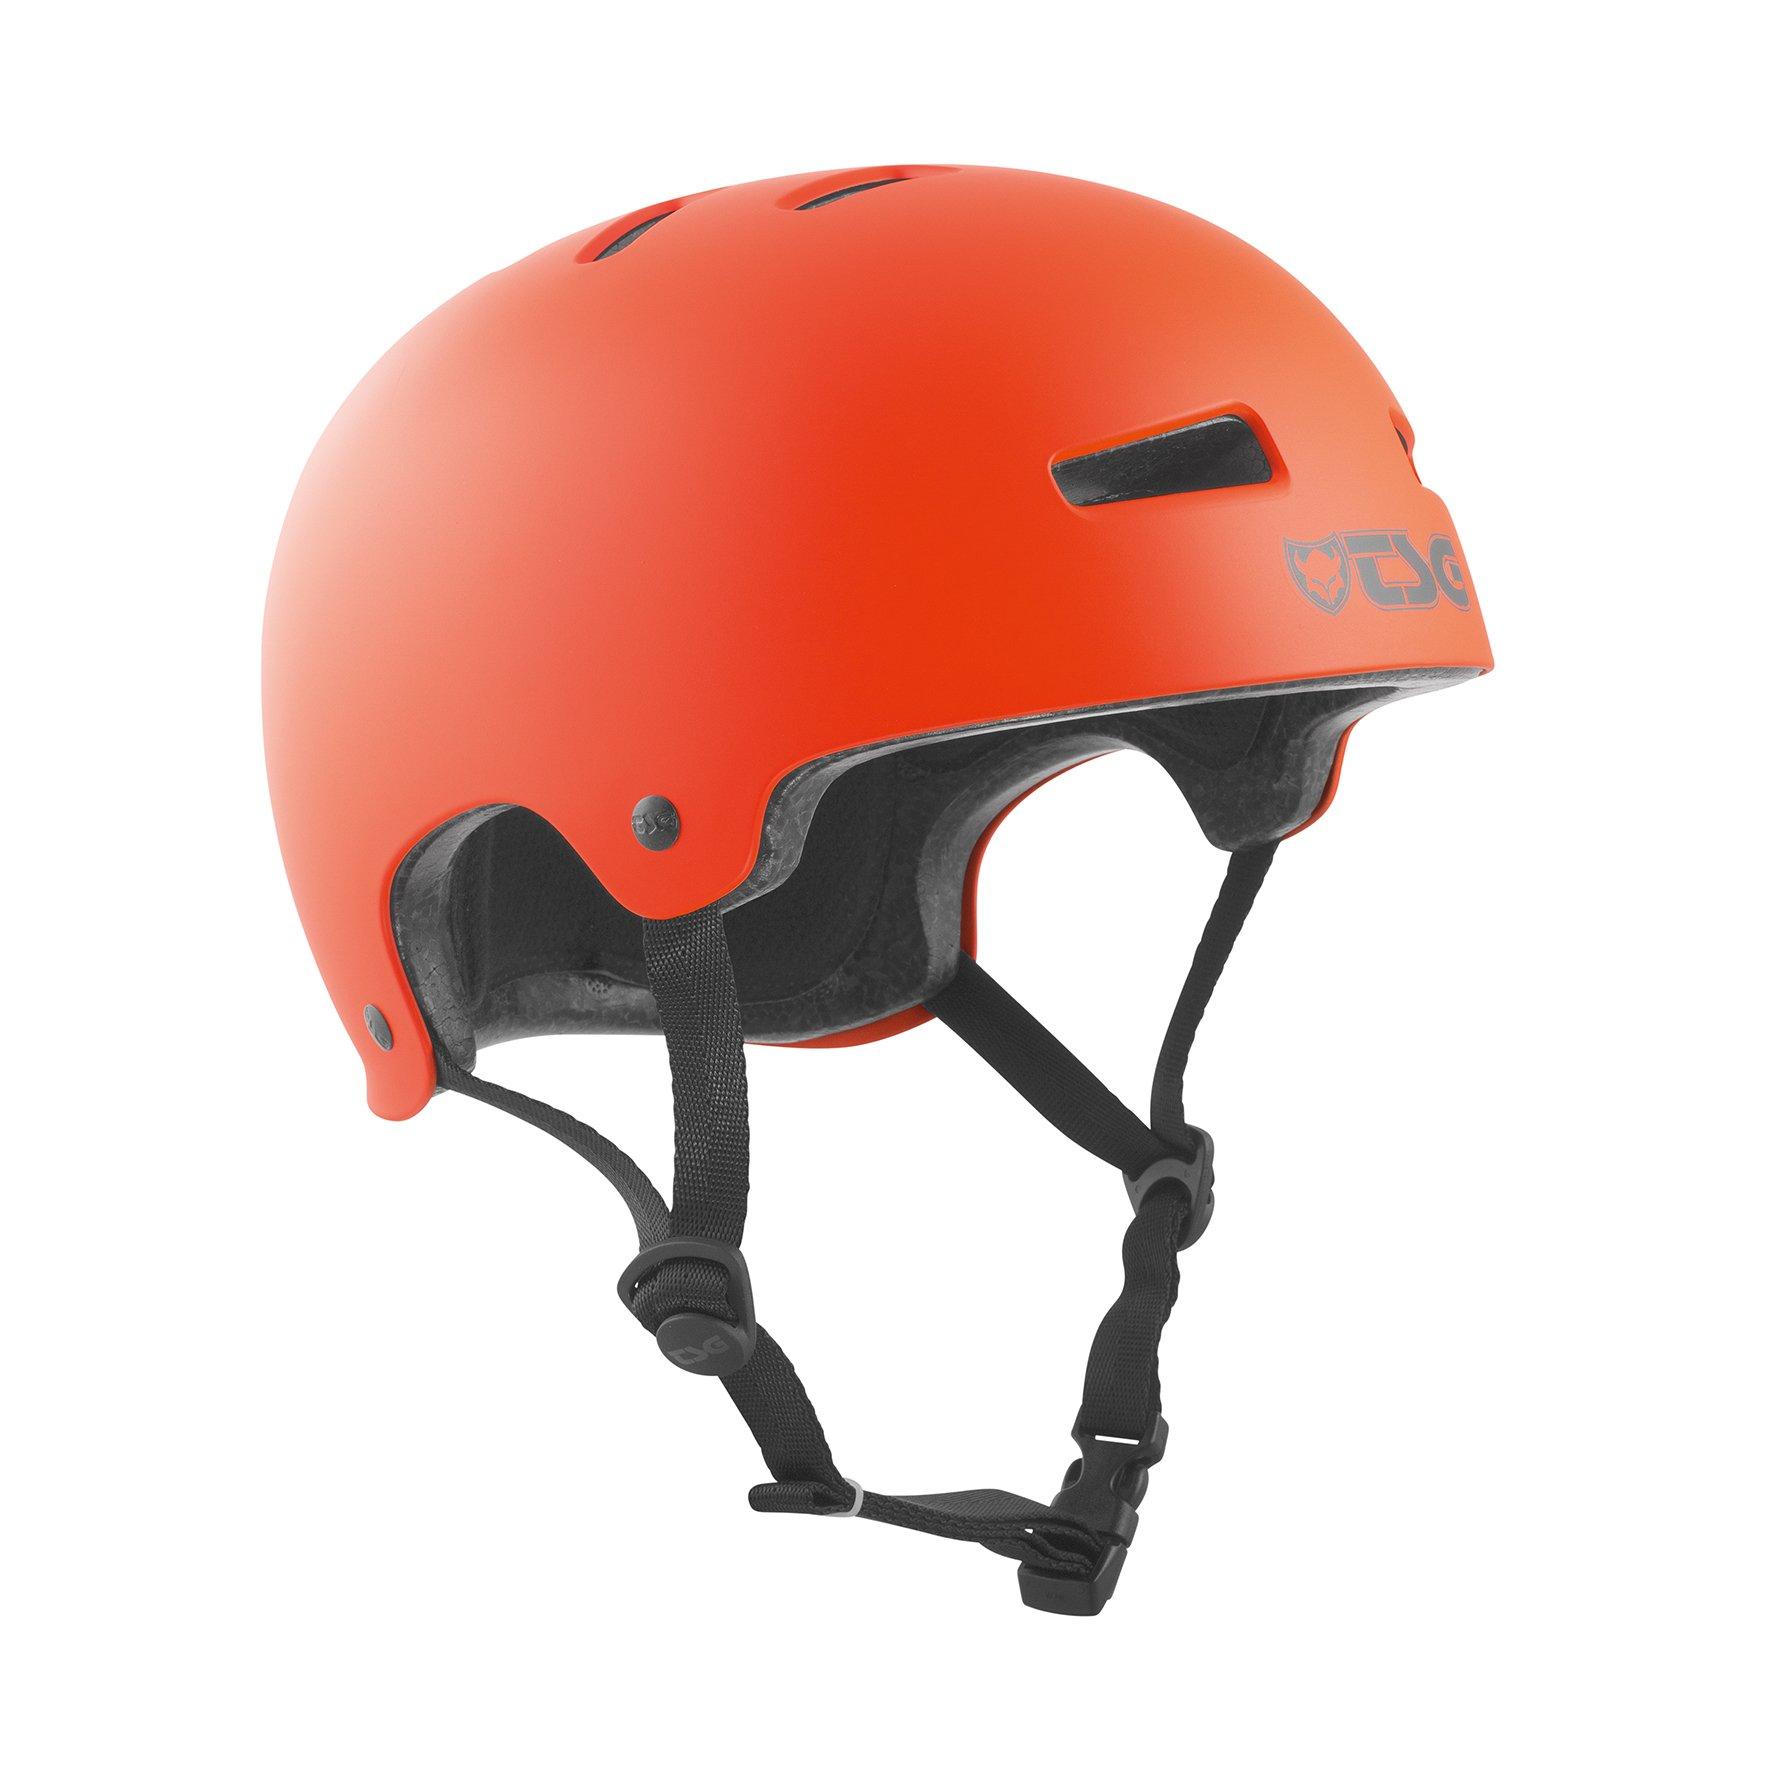 TSG - Evolution Solid Color (satin orange, S/M 54-56 cm) Helmet for Bicycle Skateboard